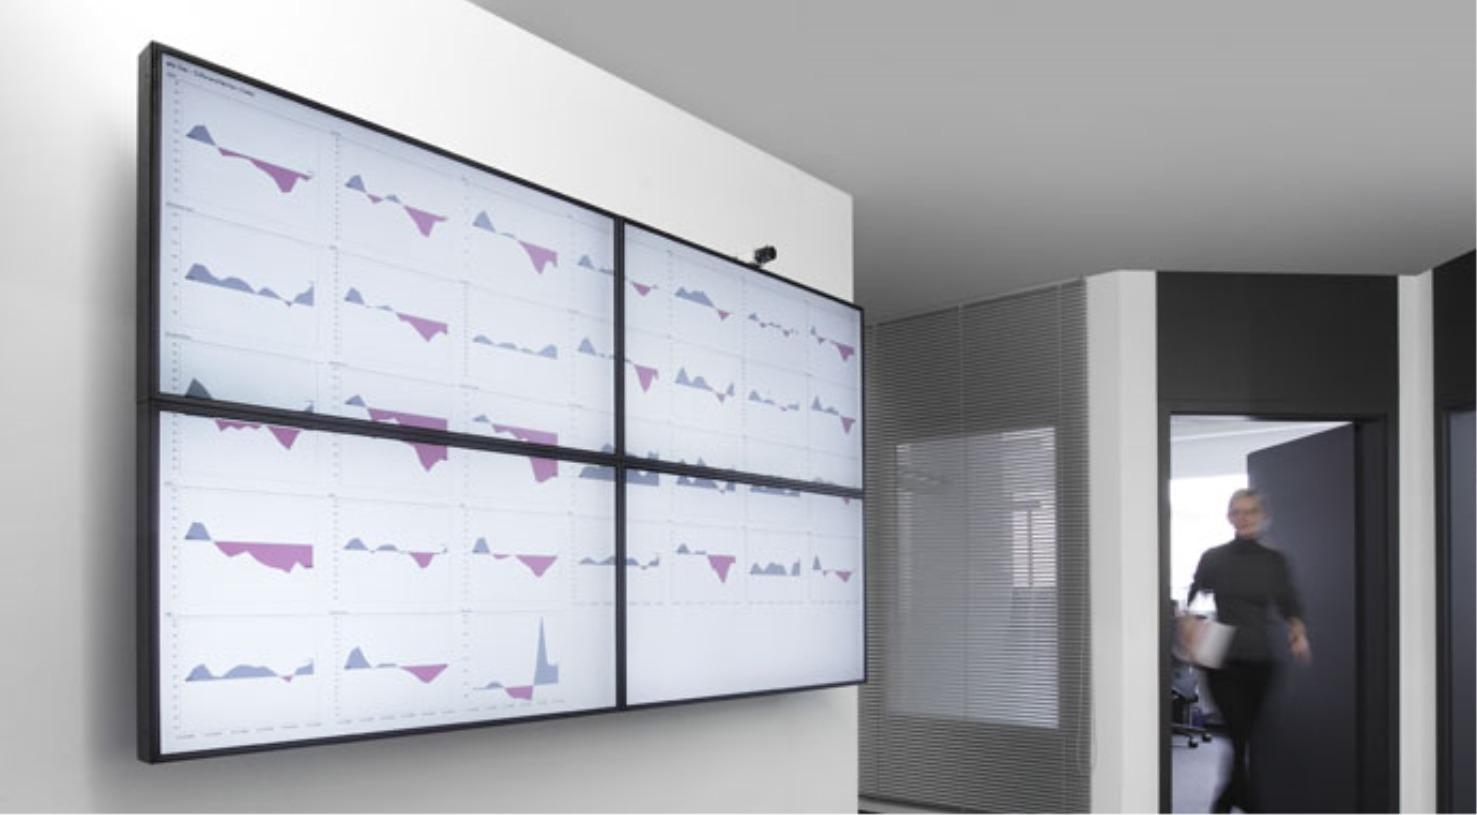 Präsentationen auf Großbildschirmen mit DeltaMaster Gate